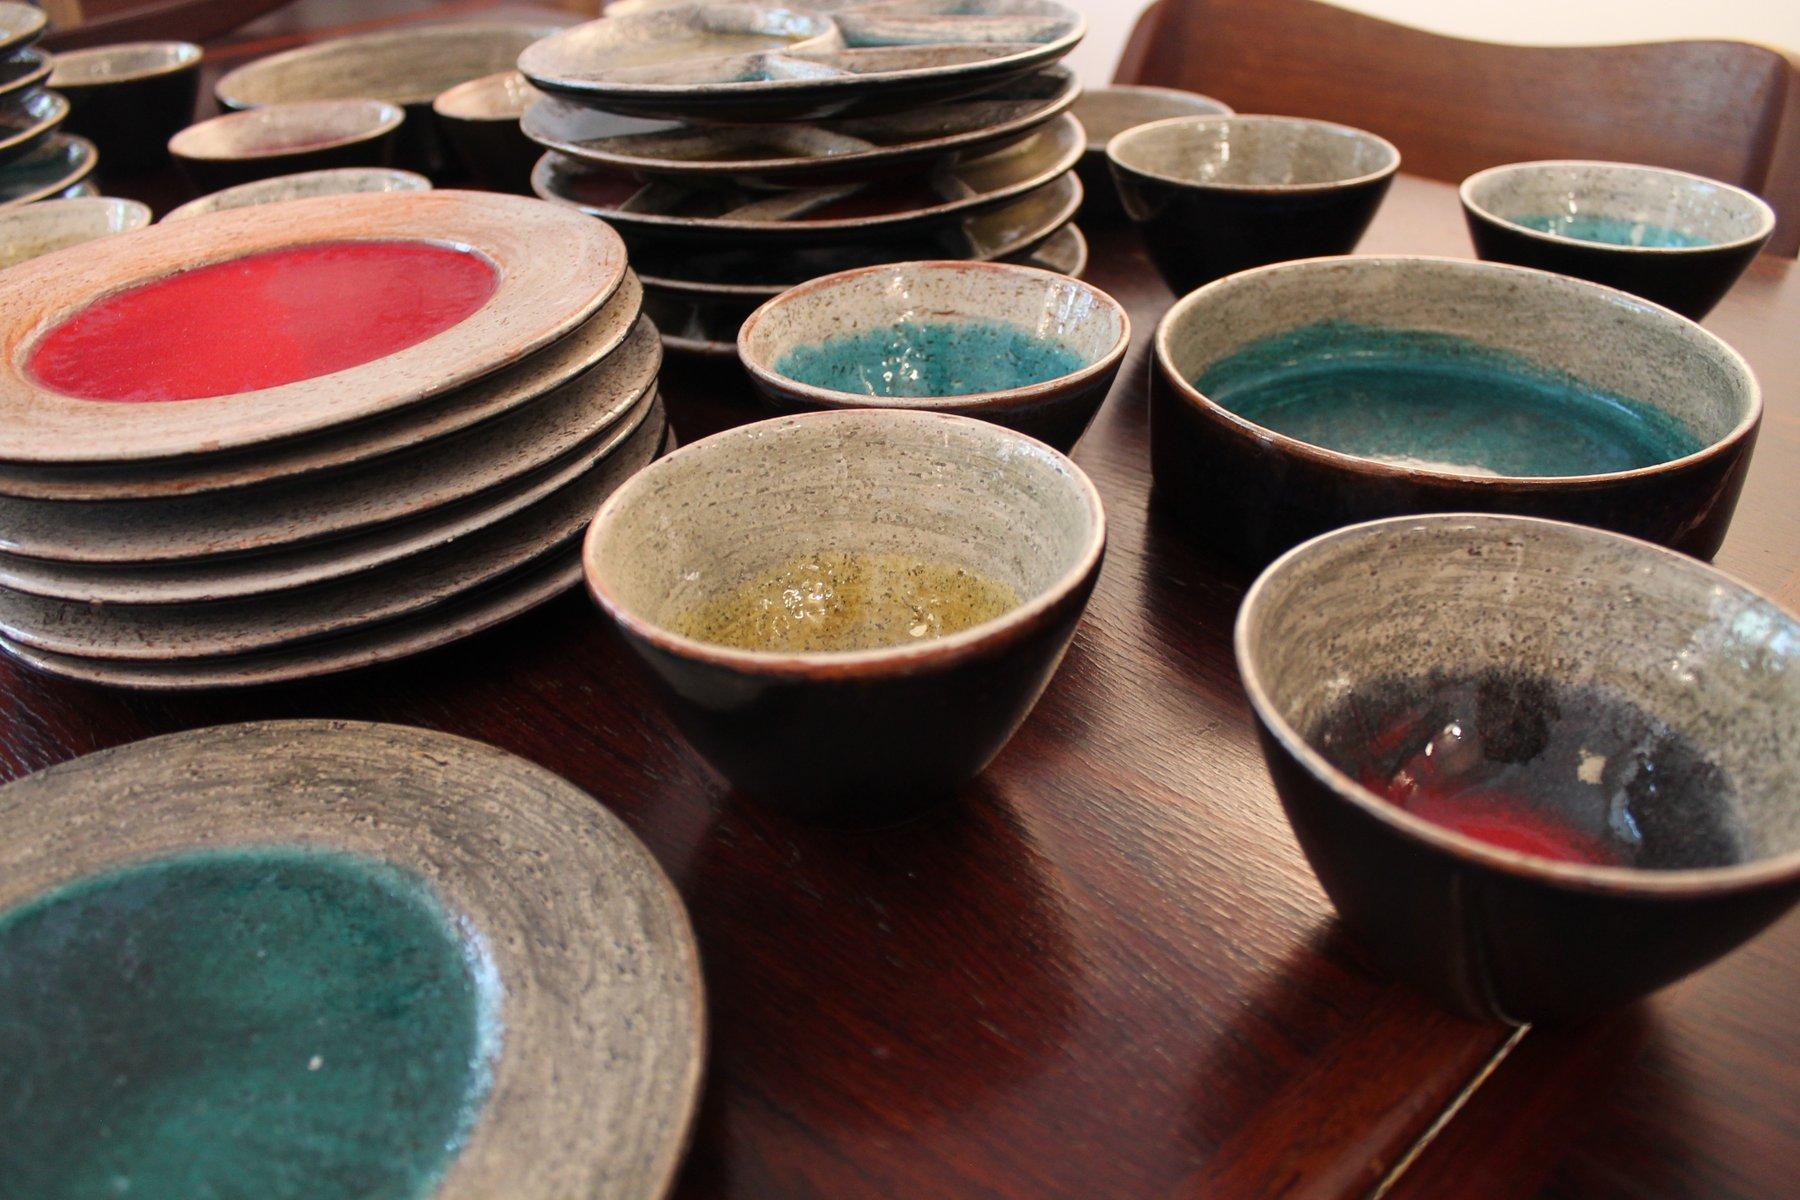 schweizer keramik set von hugo kohler bei pamono kaufen. Black Bedroom Furniture Sets. Home Design Ideas